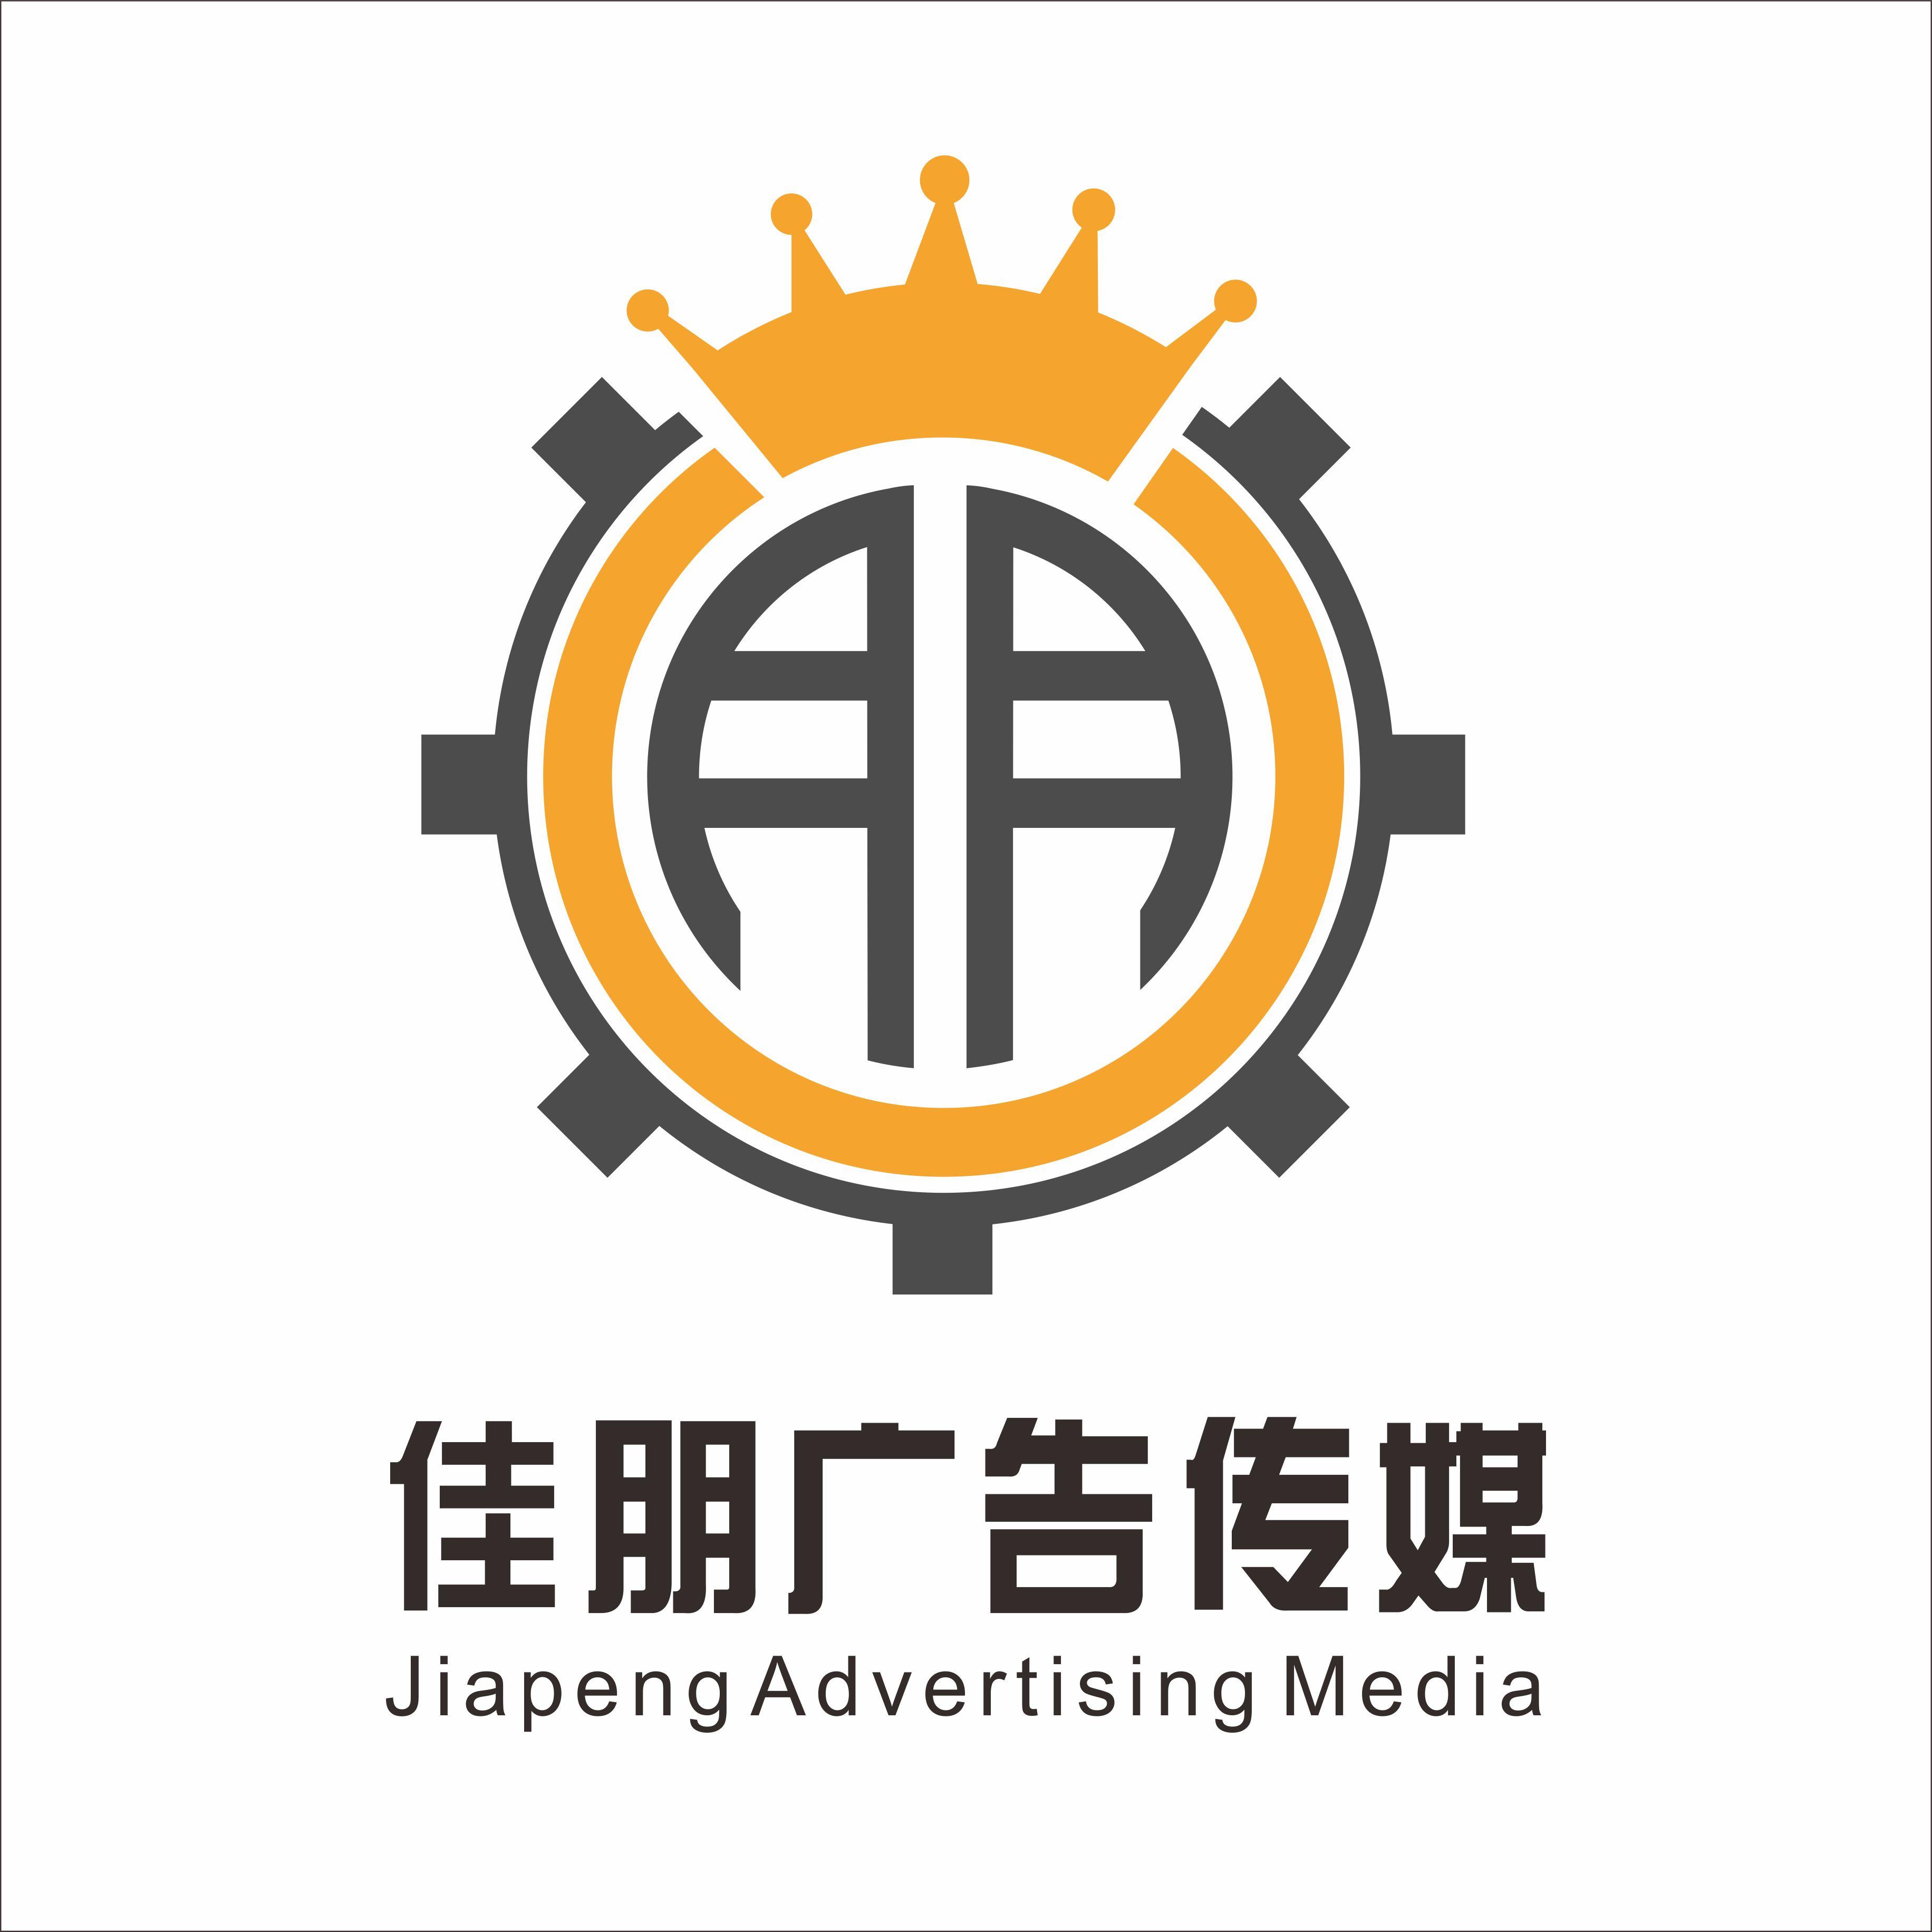 揚州佳朋廣告傳媒有限公司